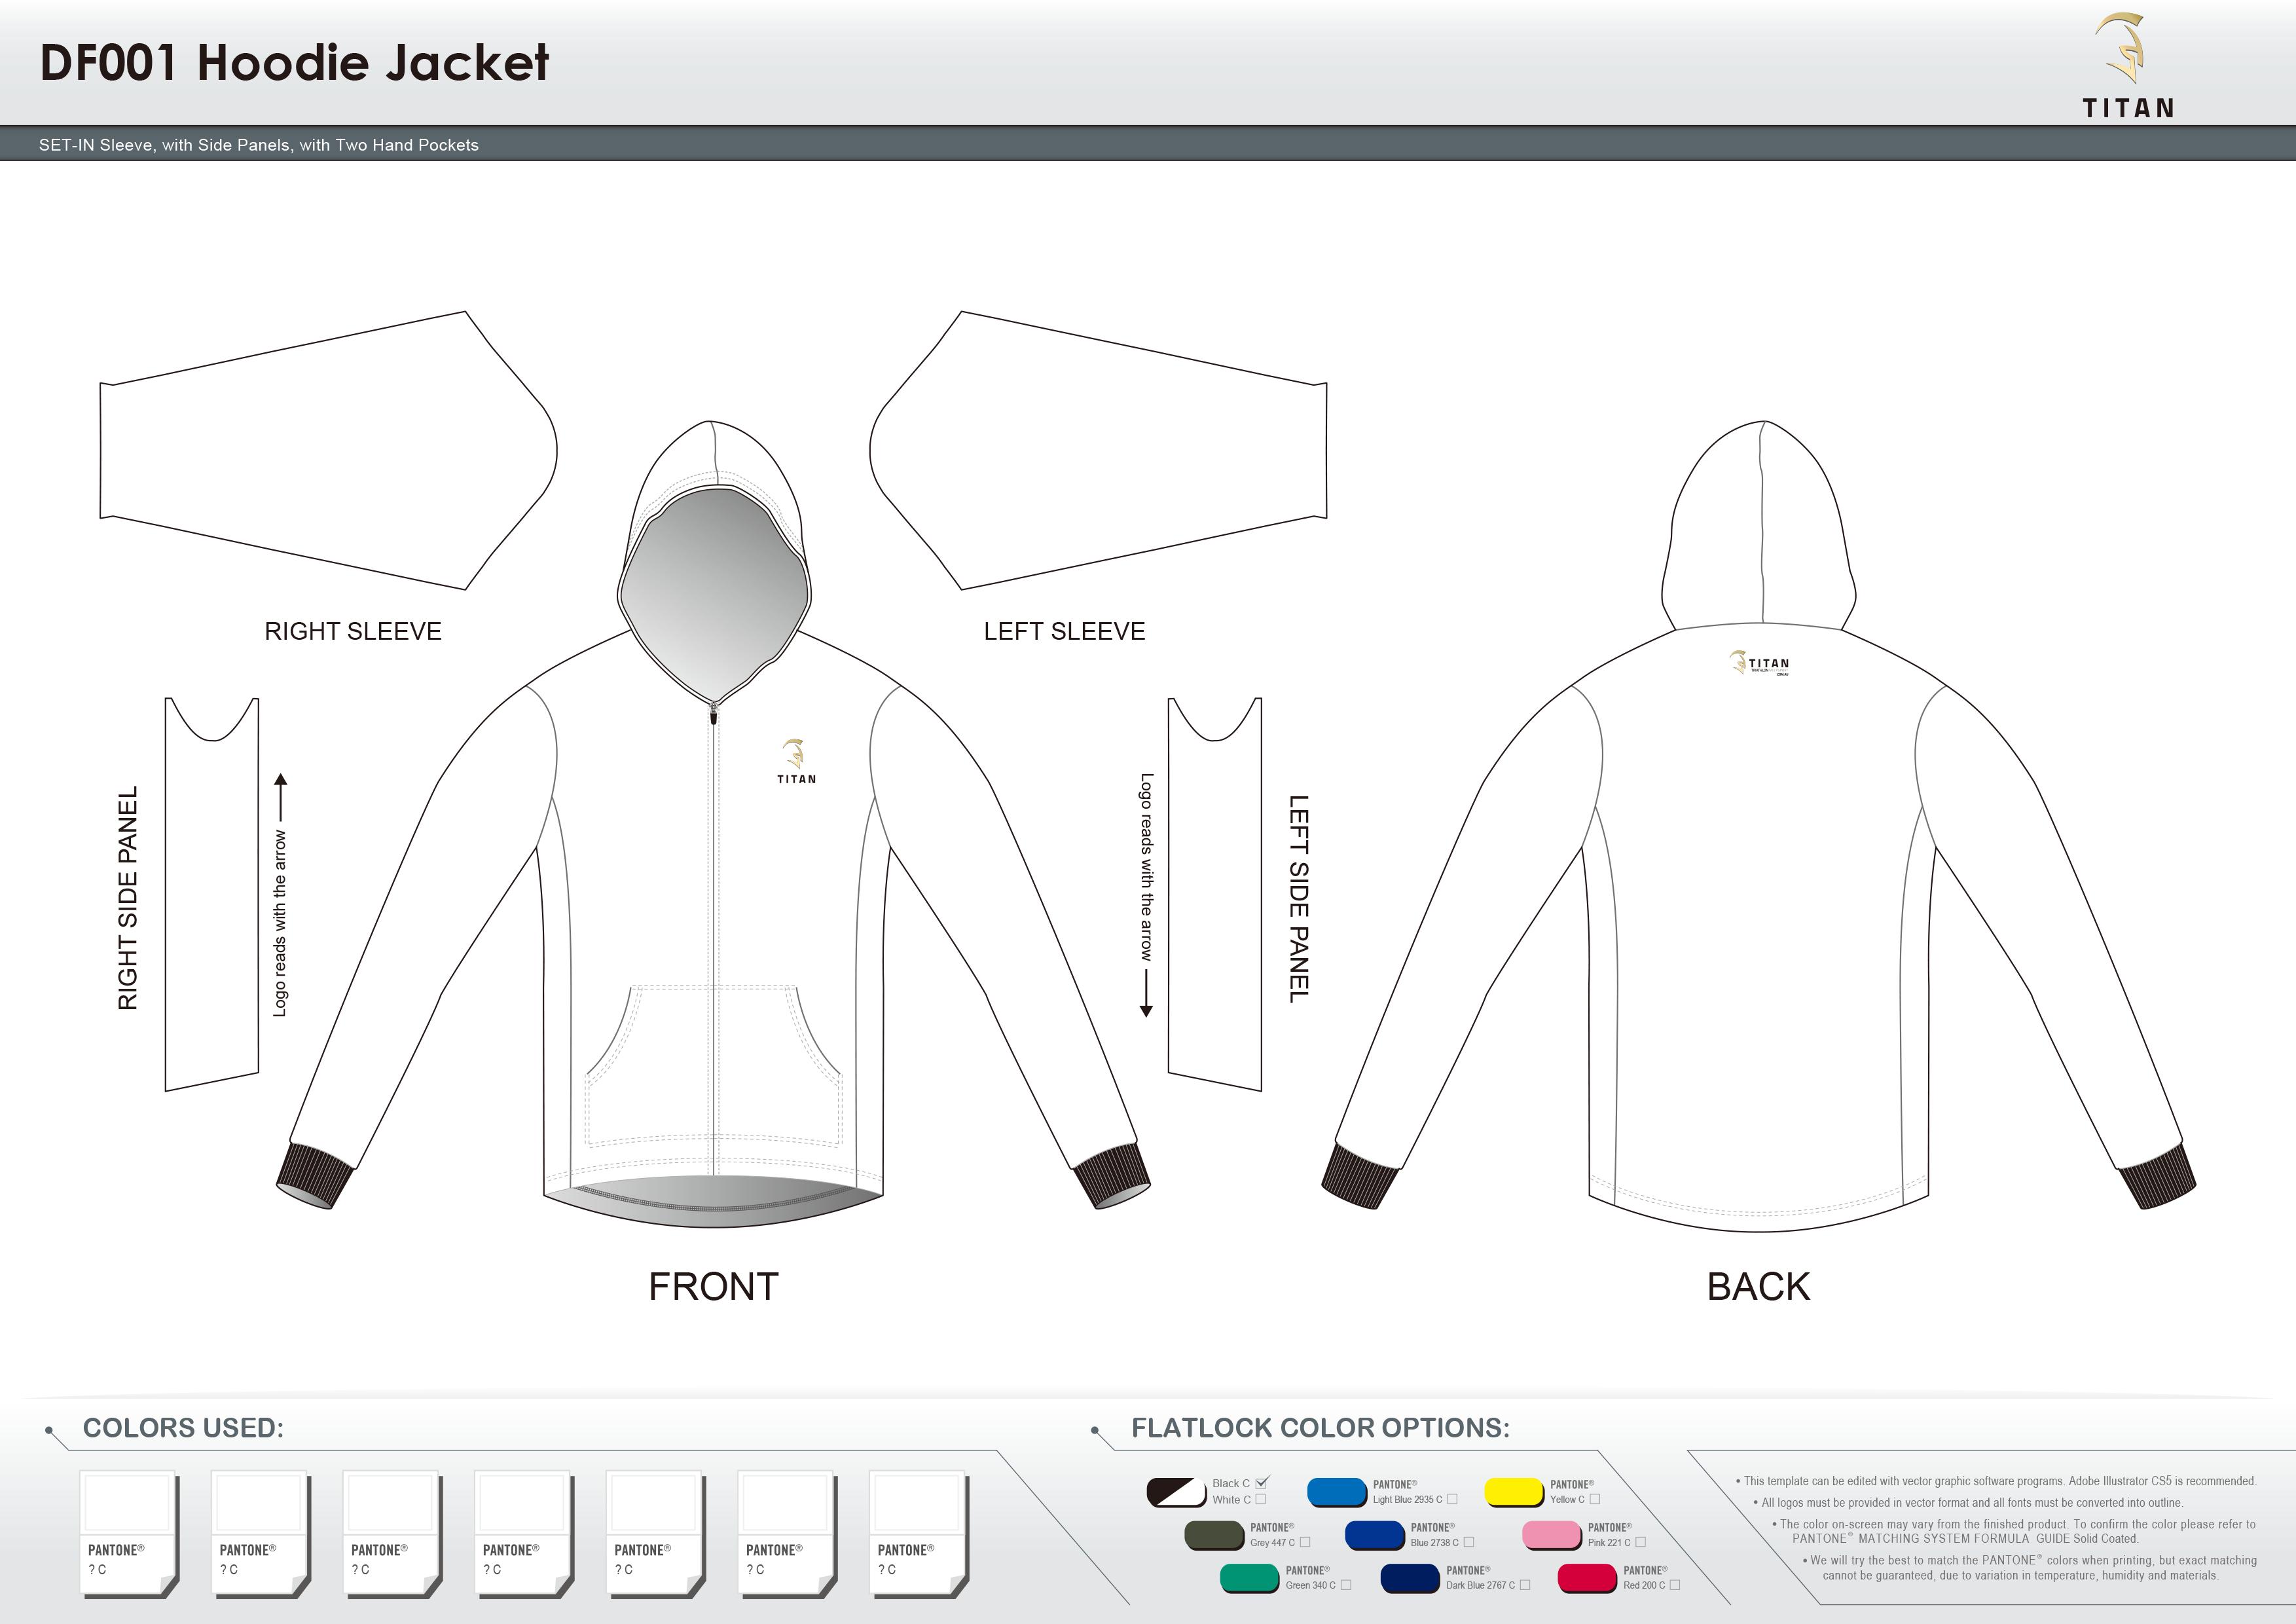 DF001 Hoodie Jacket